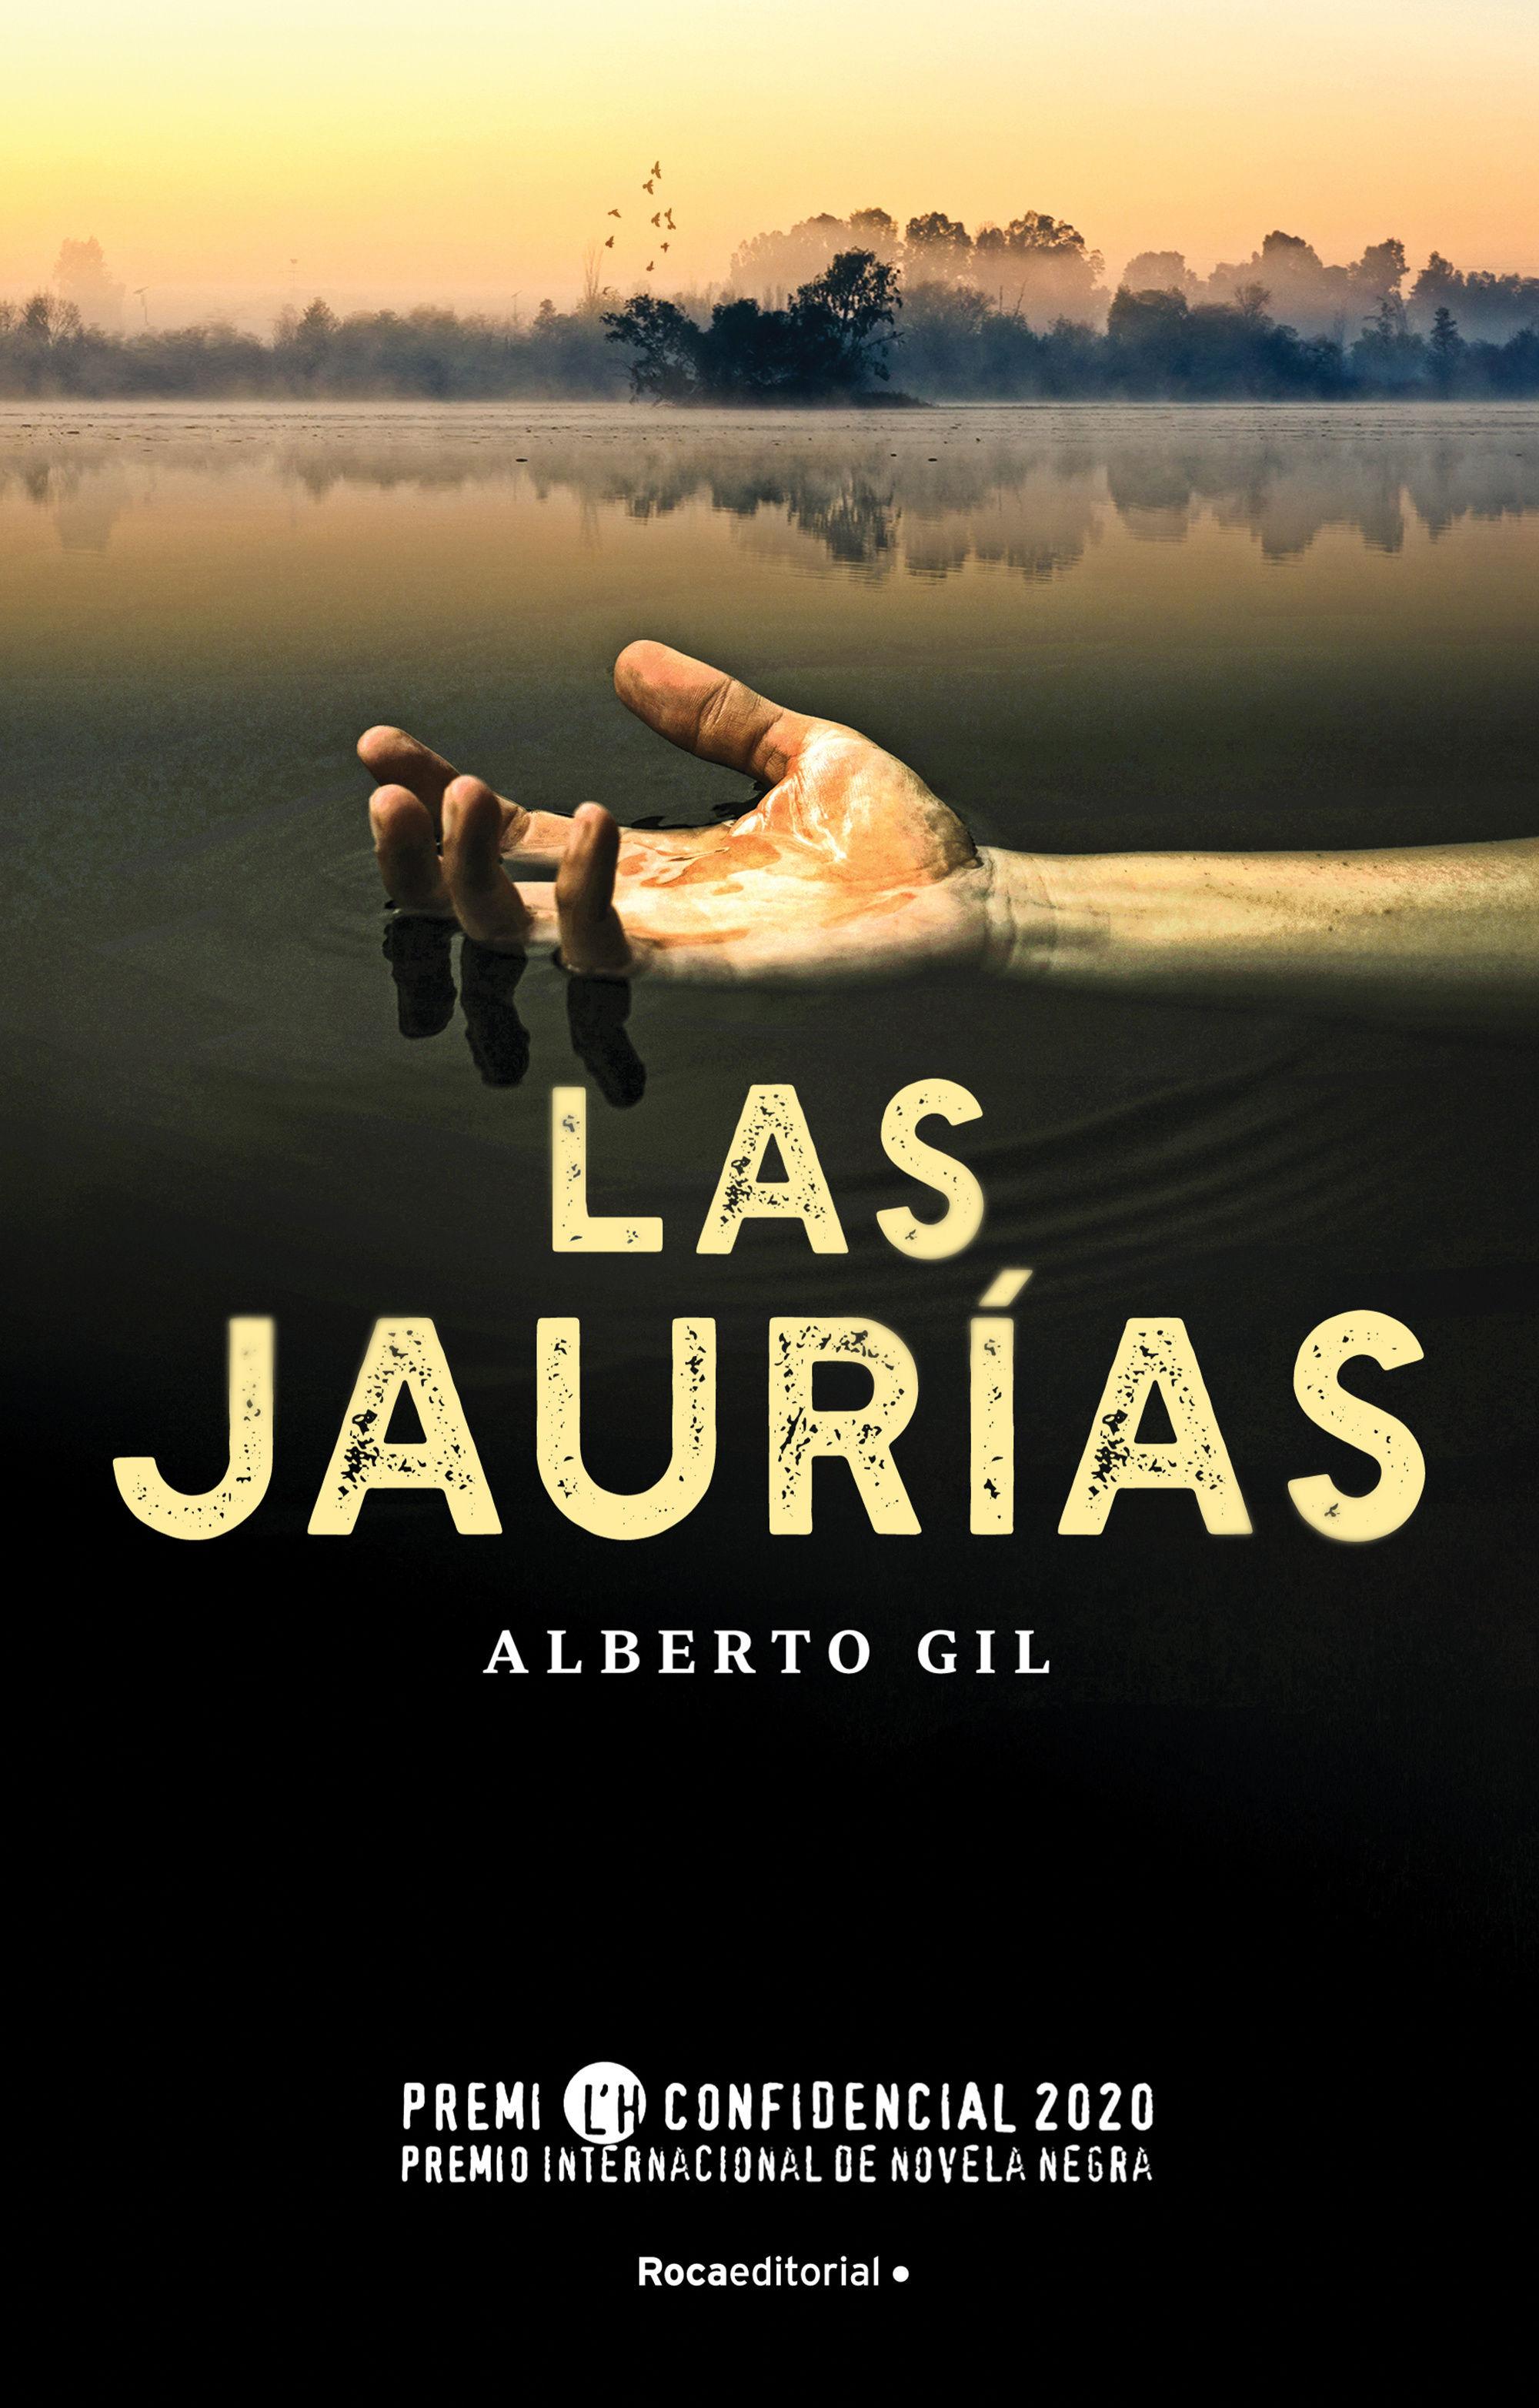 JAURIAS LAS